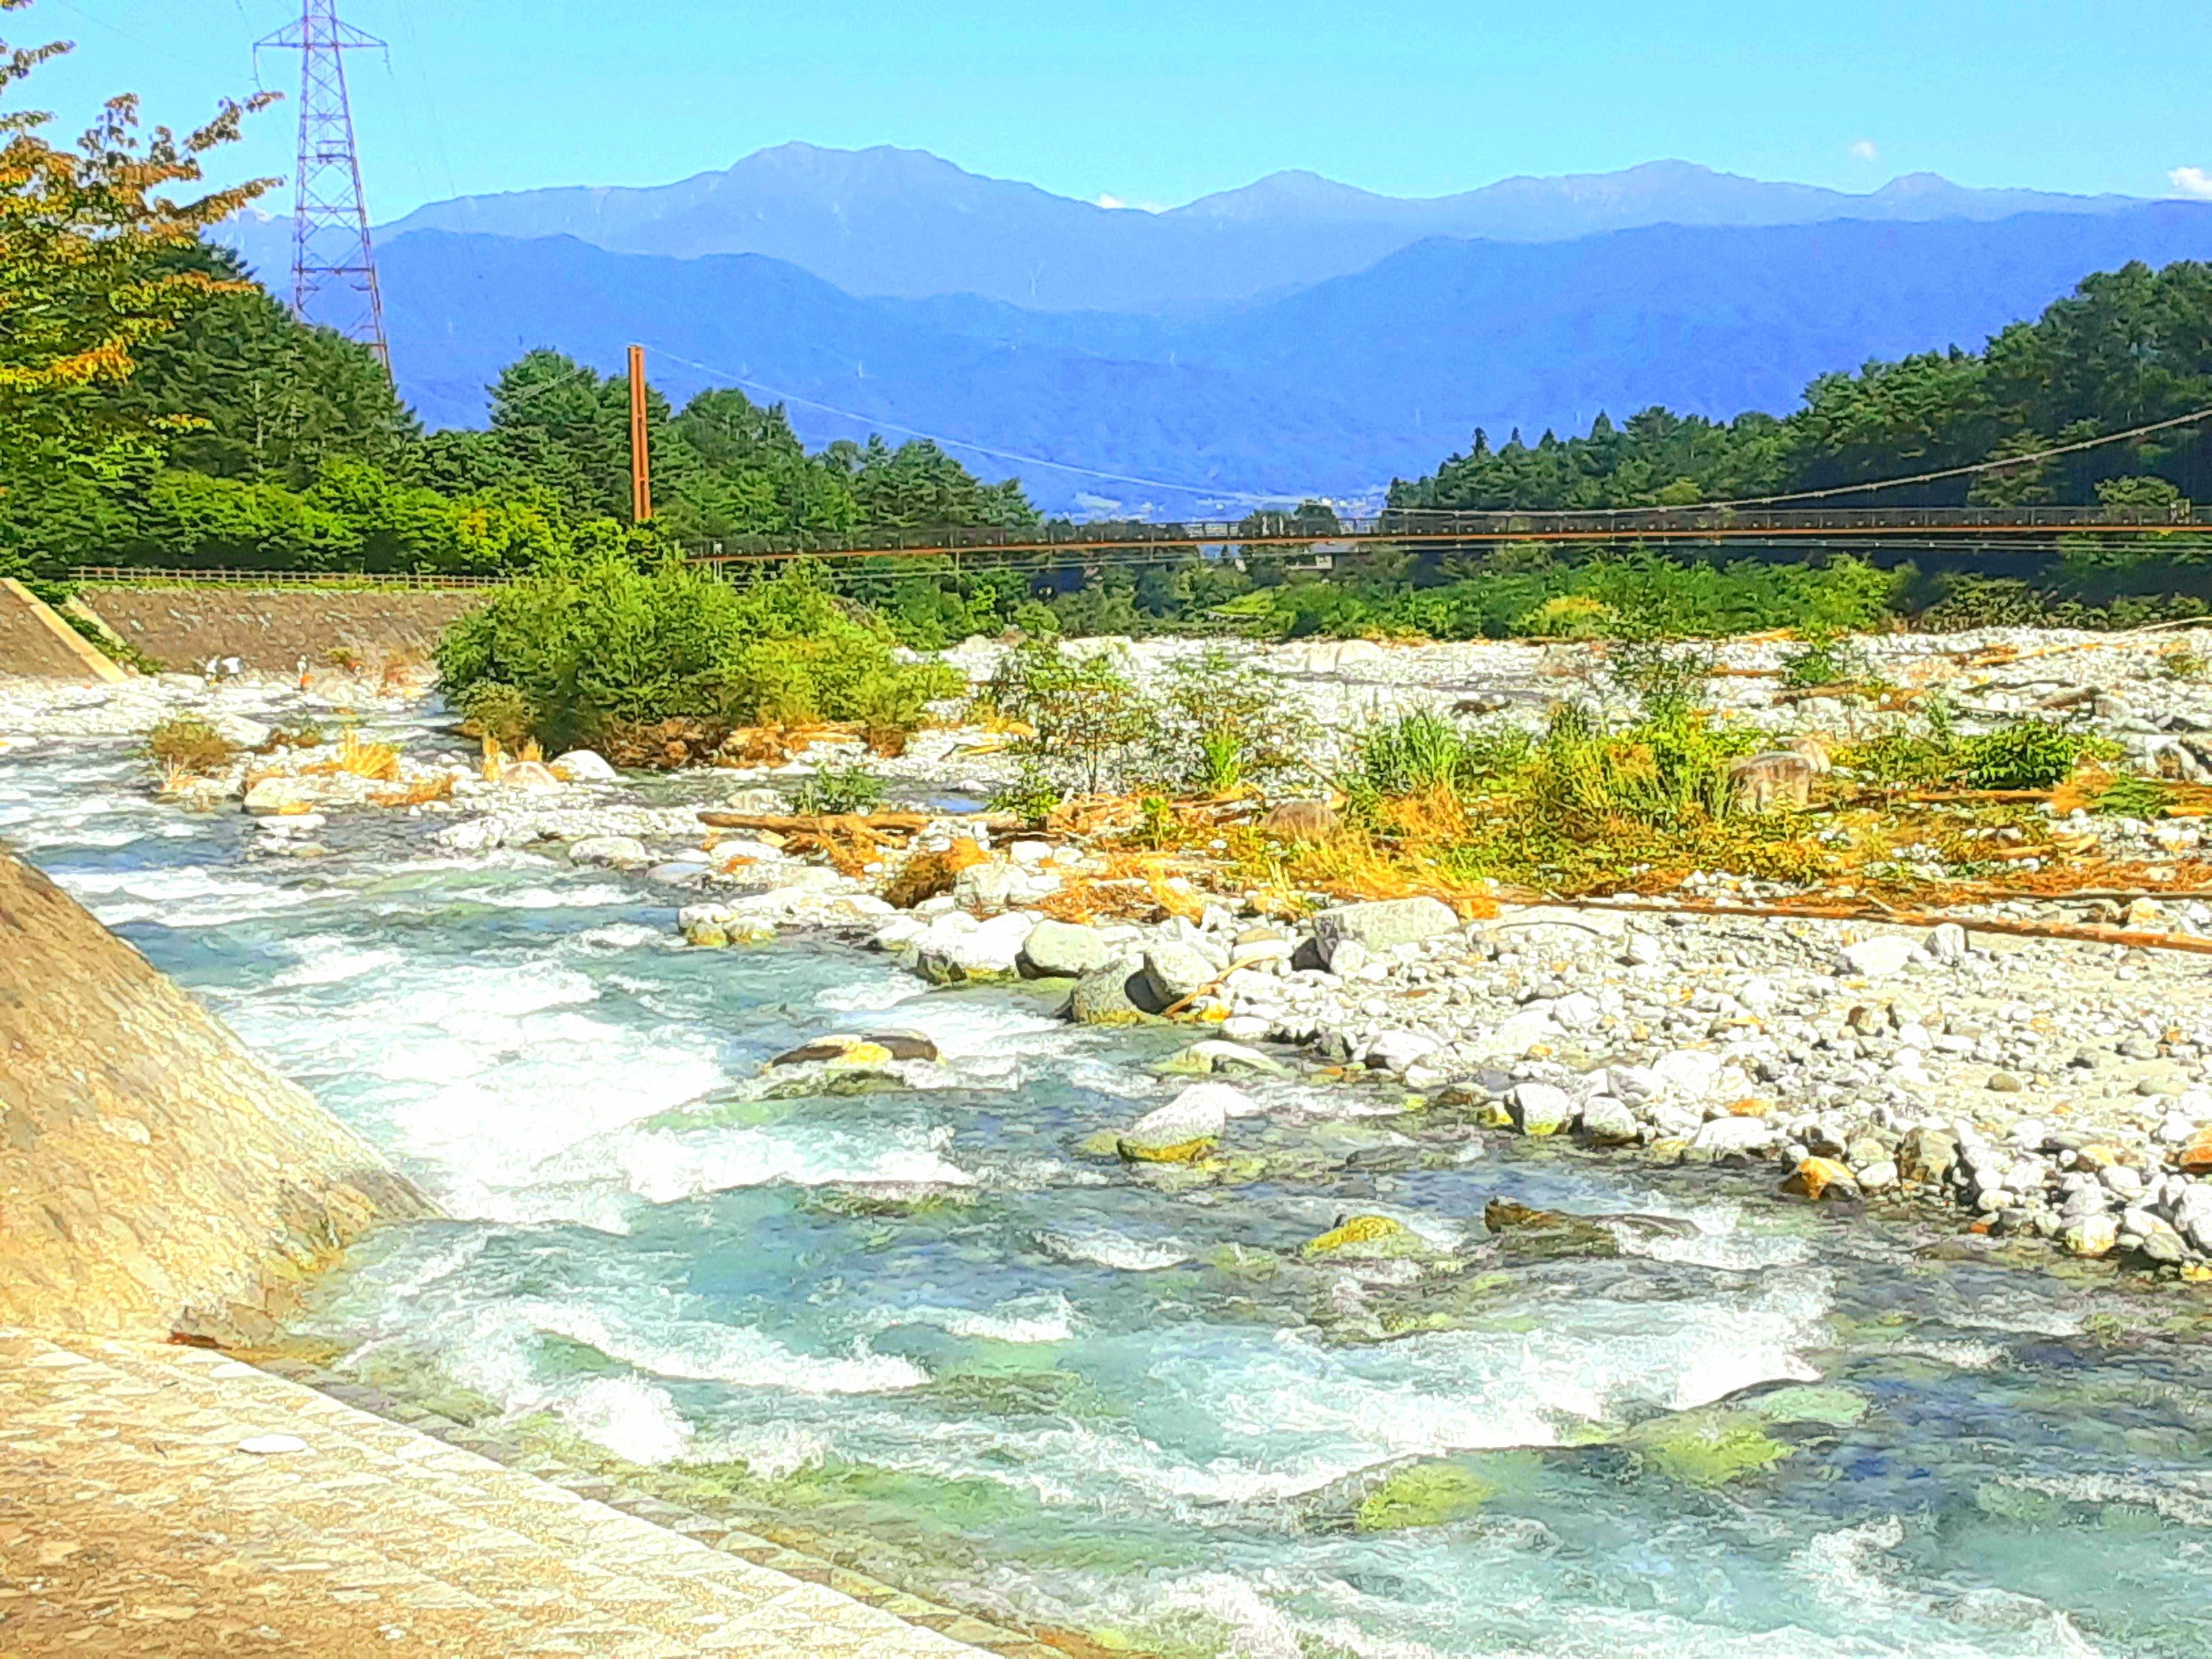 駒ヶ根高原大田切川とこまくさ橋と南アルプスと川遊び遊歩道、徒歩3分